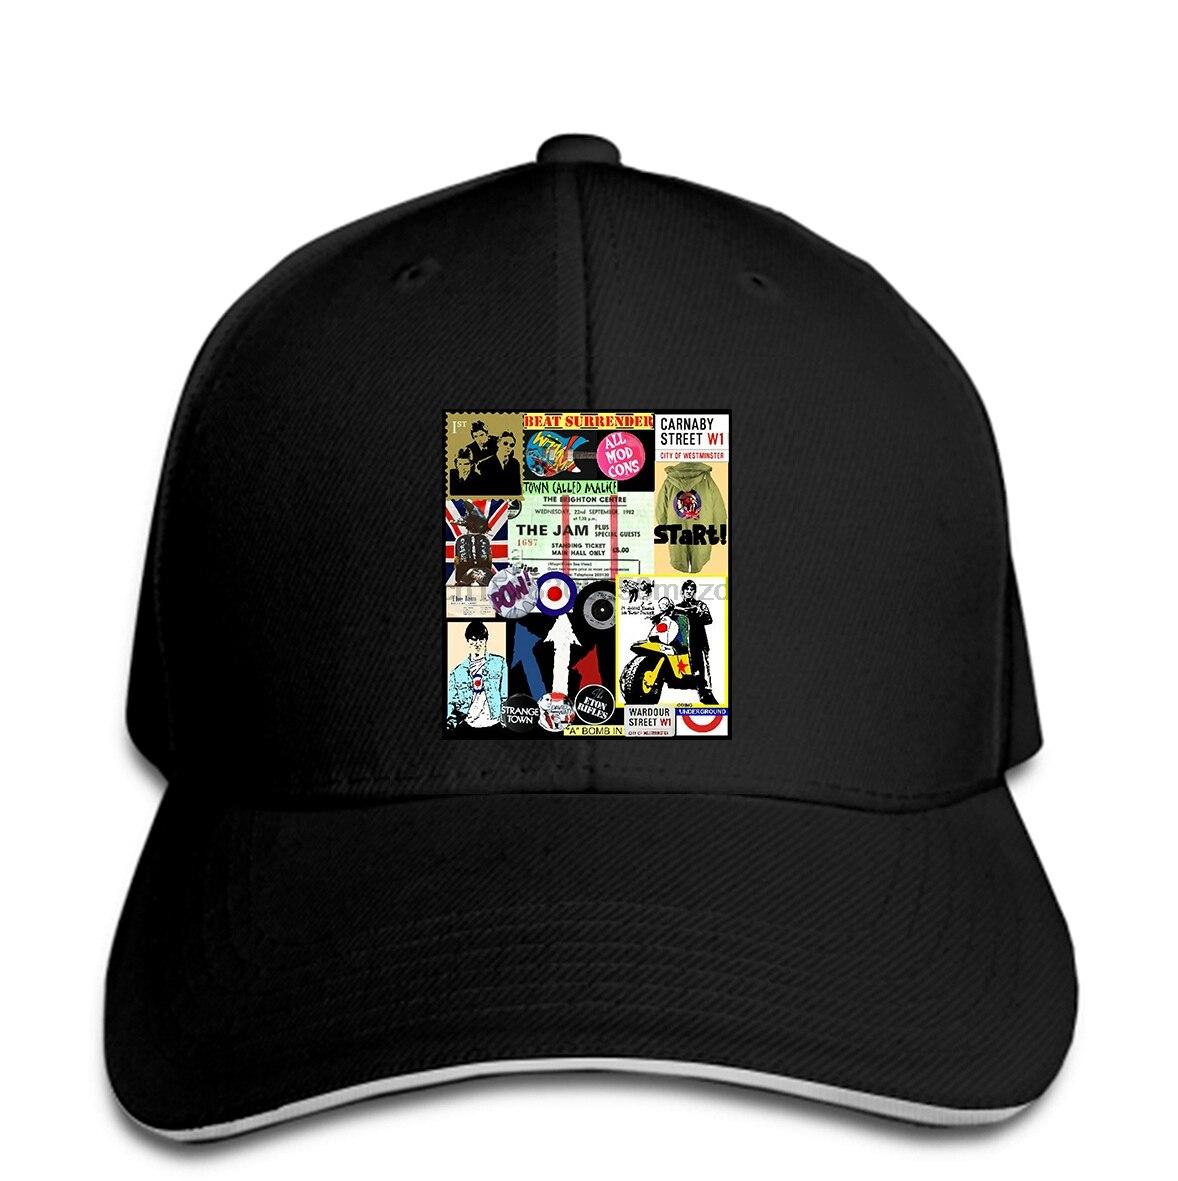 La mermelada homenaje hombres gorra de béisbol WELLER FOXTON BUCKLER MODS estilo Consejo SCOOTERS del casquillo del Snapback sombrero de mujer alcanzó su punto máximo